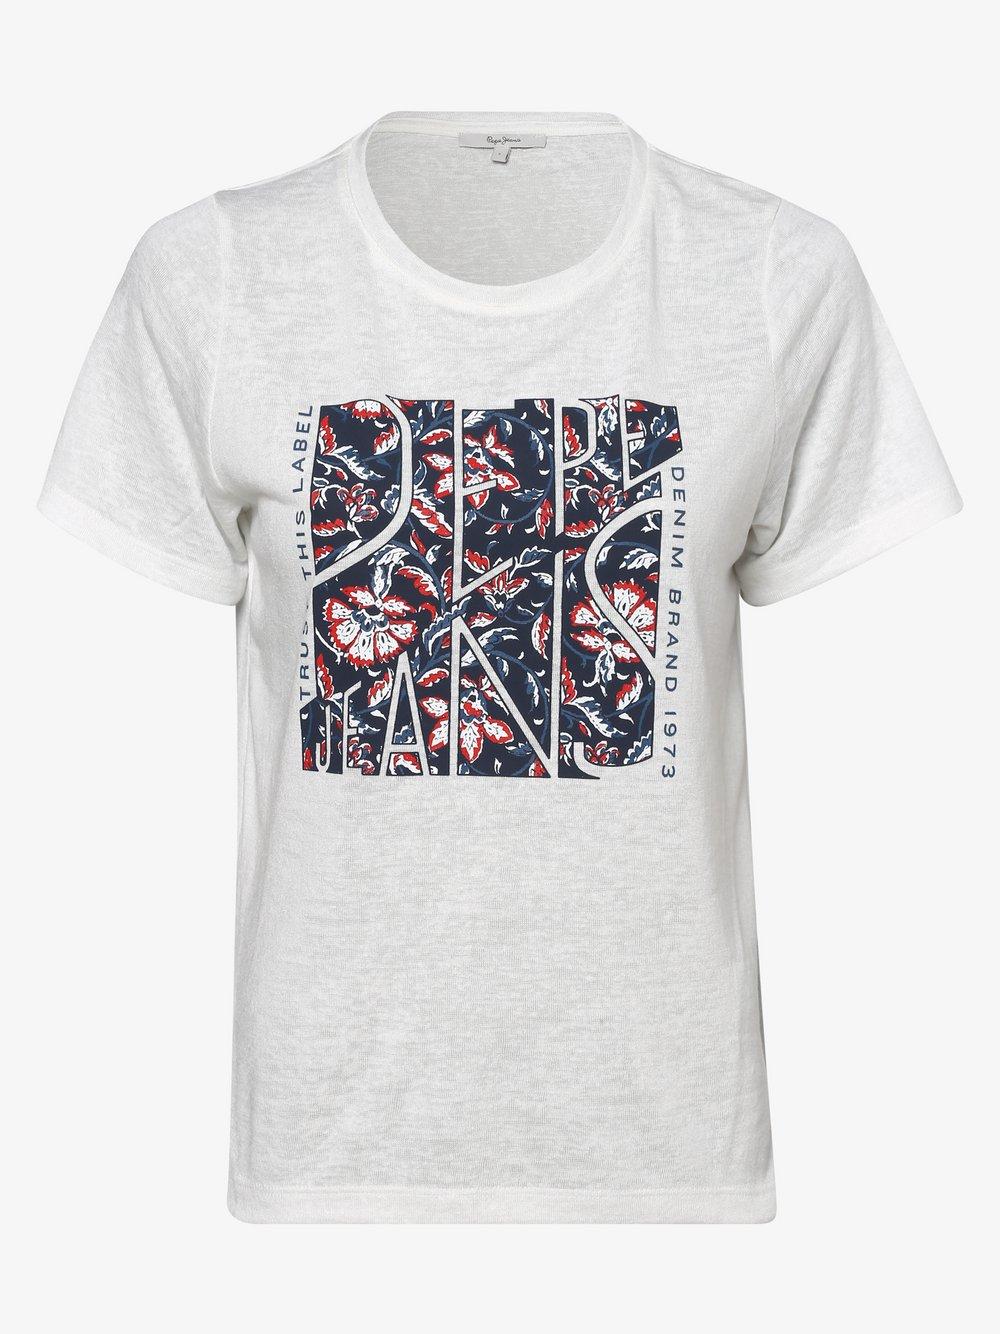 Pepe Jeans - T-shirt damski – Brooklyn, beżowy